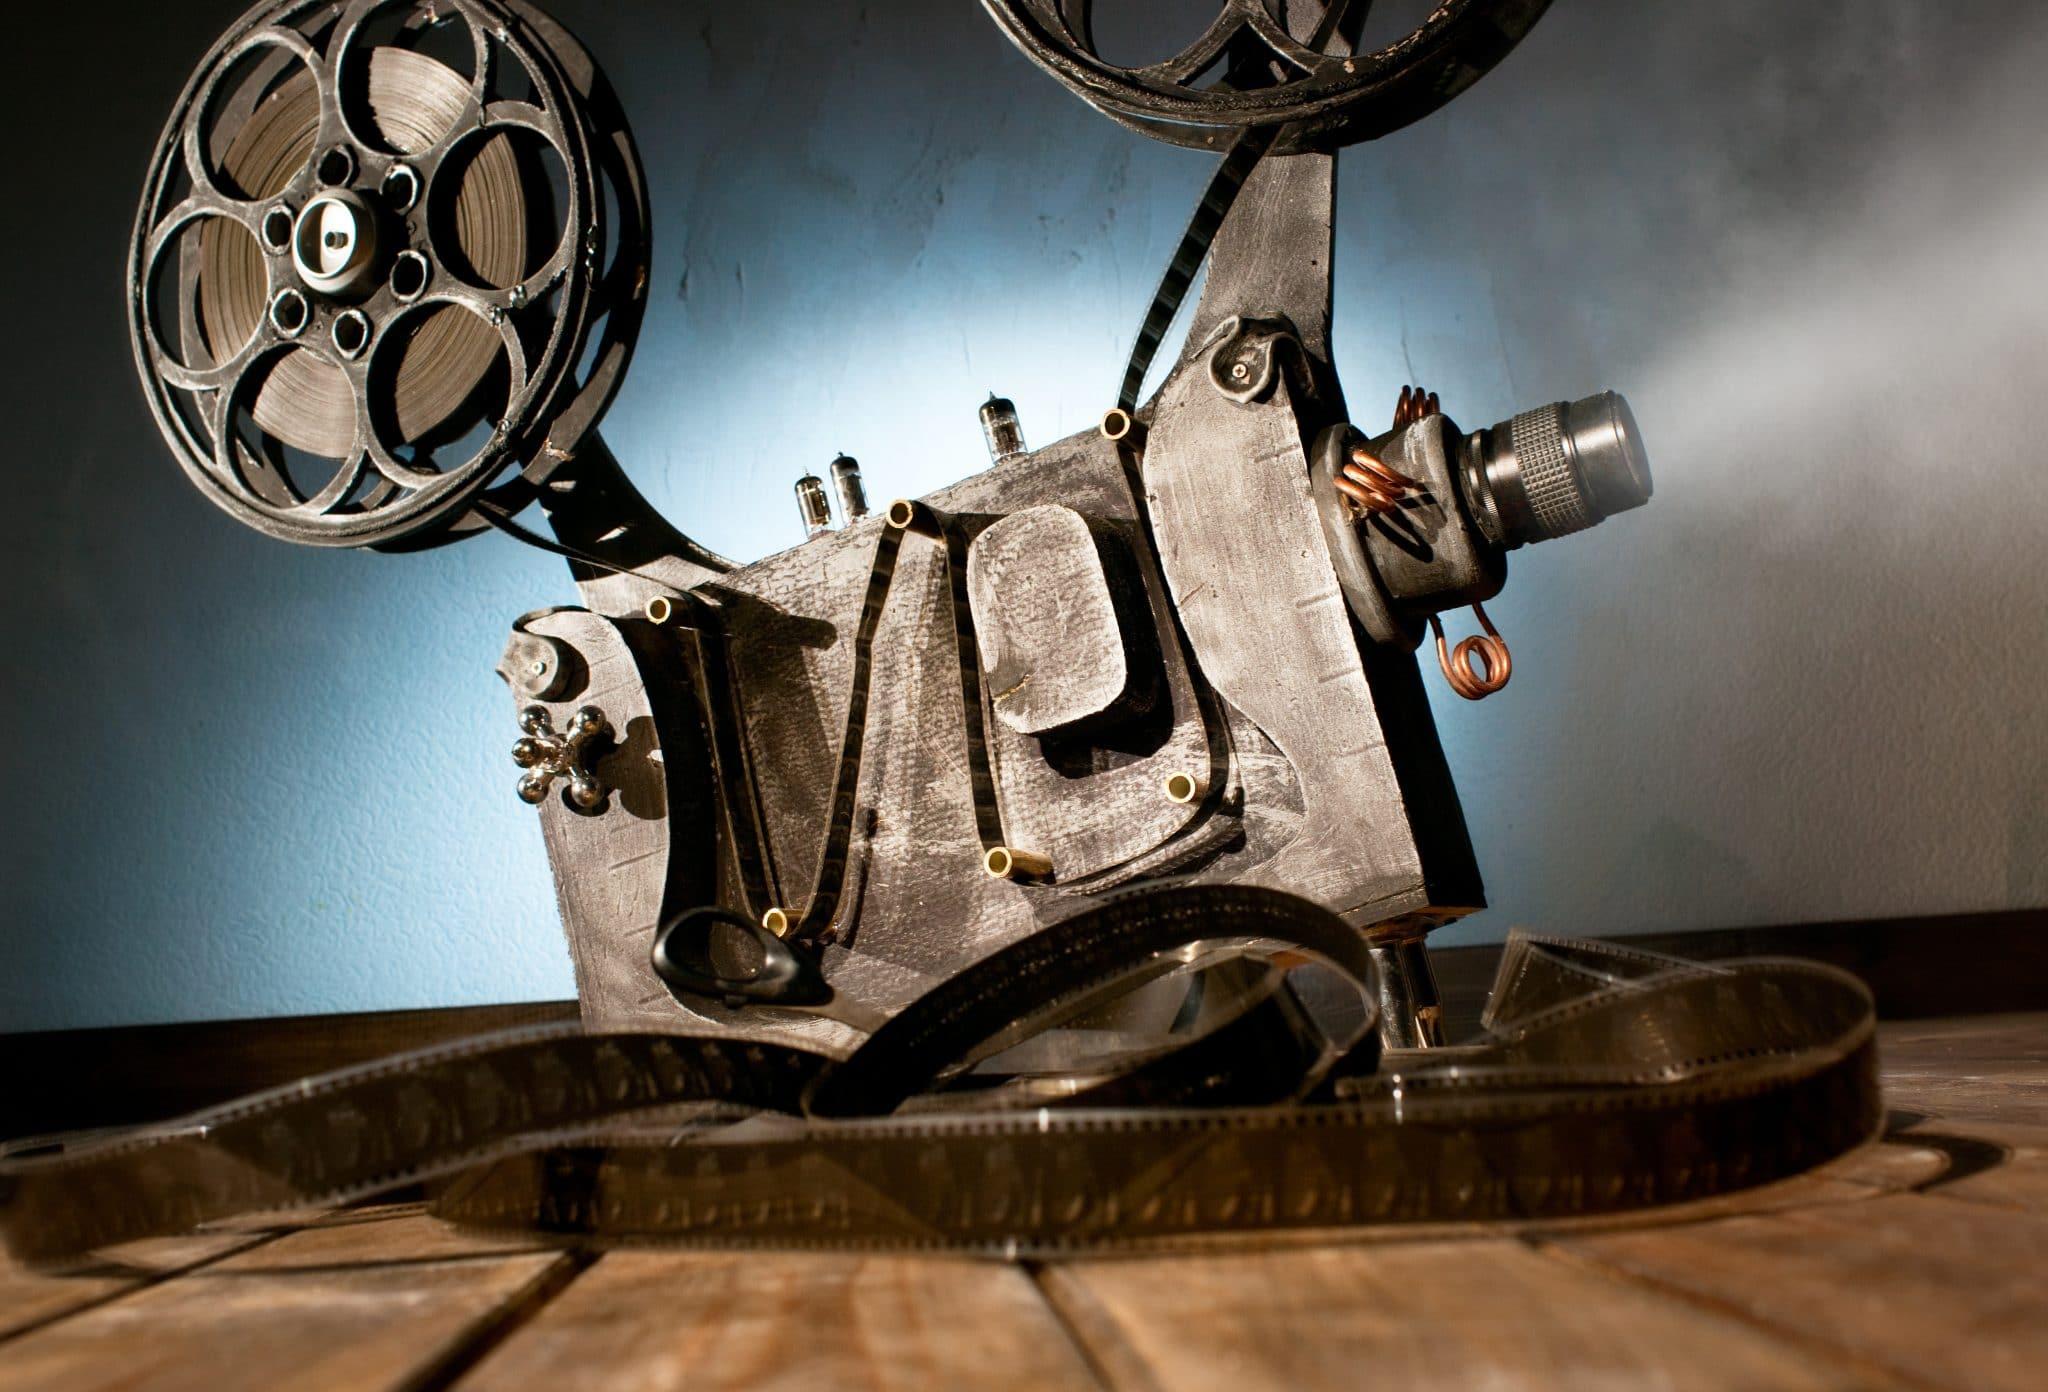 vintage home cinema projector